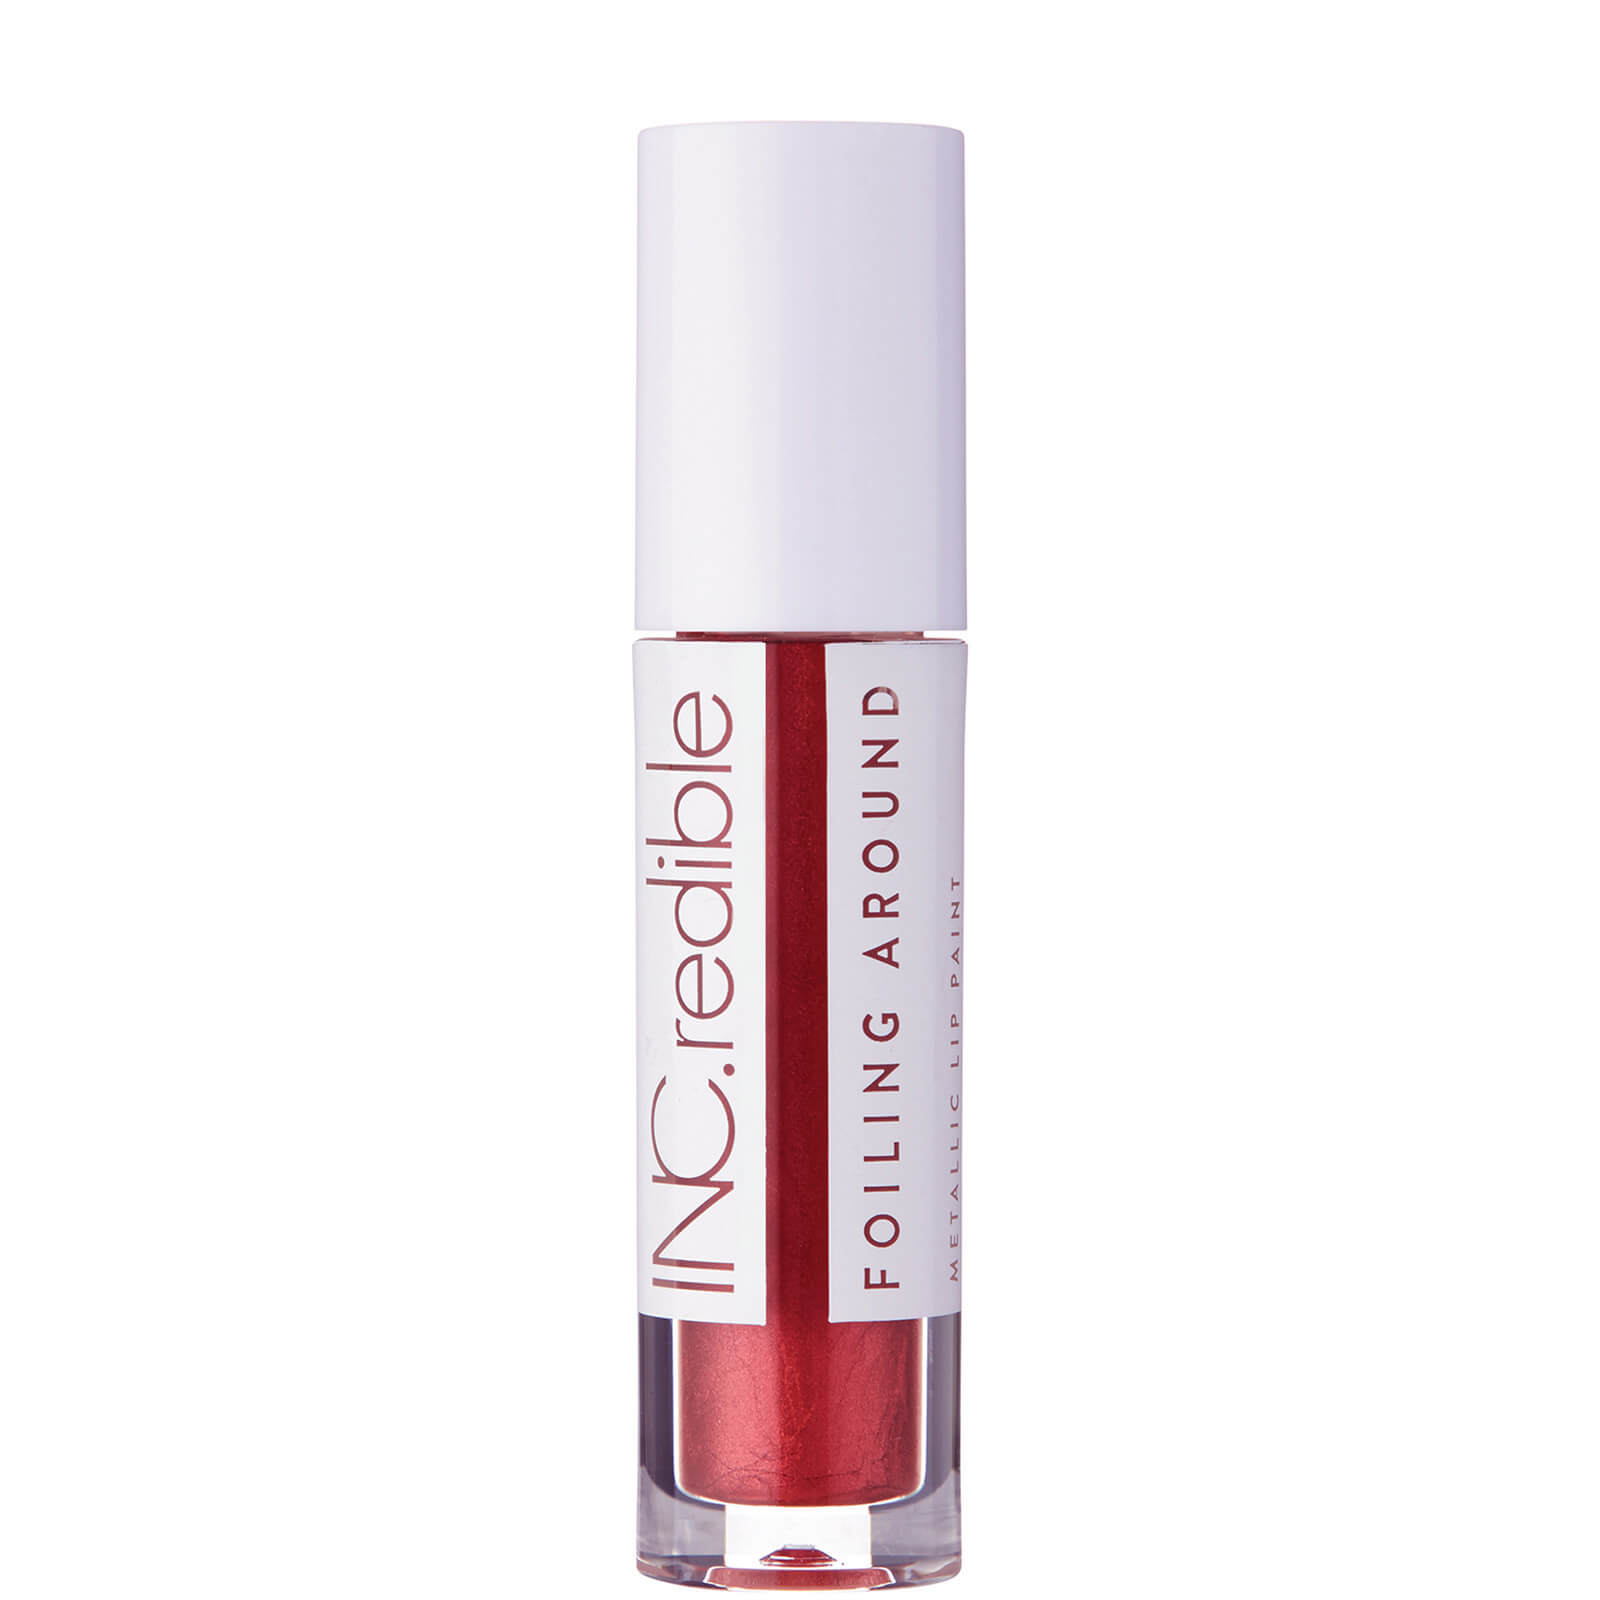 Купить Жидкая губная помада с эффектом металлик INC.redible Foiling Around Metallic Liquid Lipstick (различные оттенки) - Turn Me Up, Turn Me On